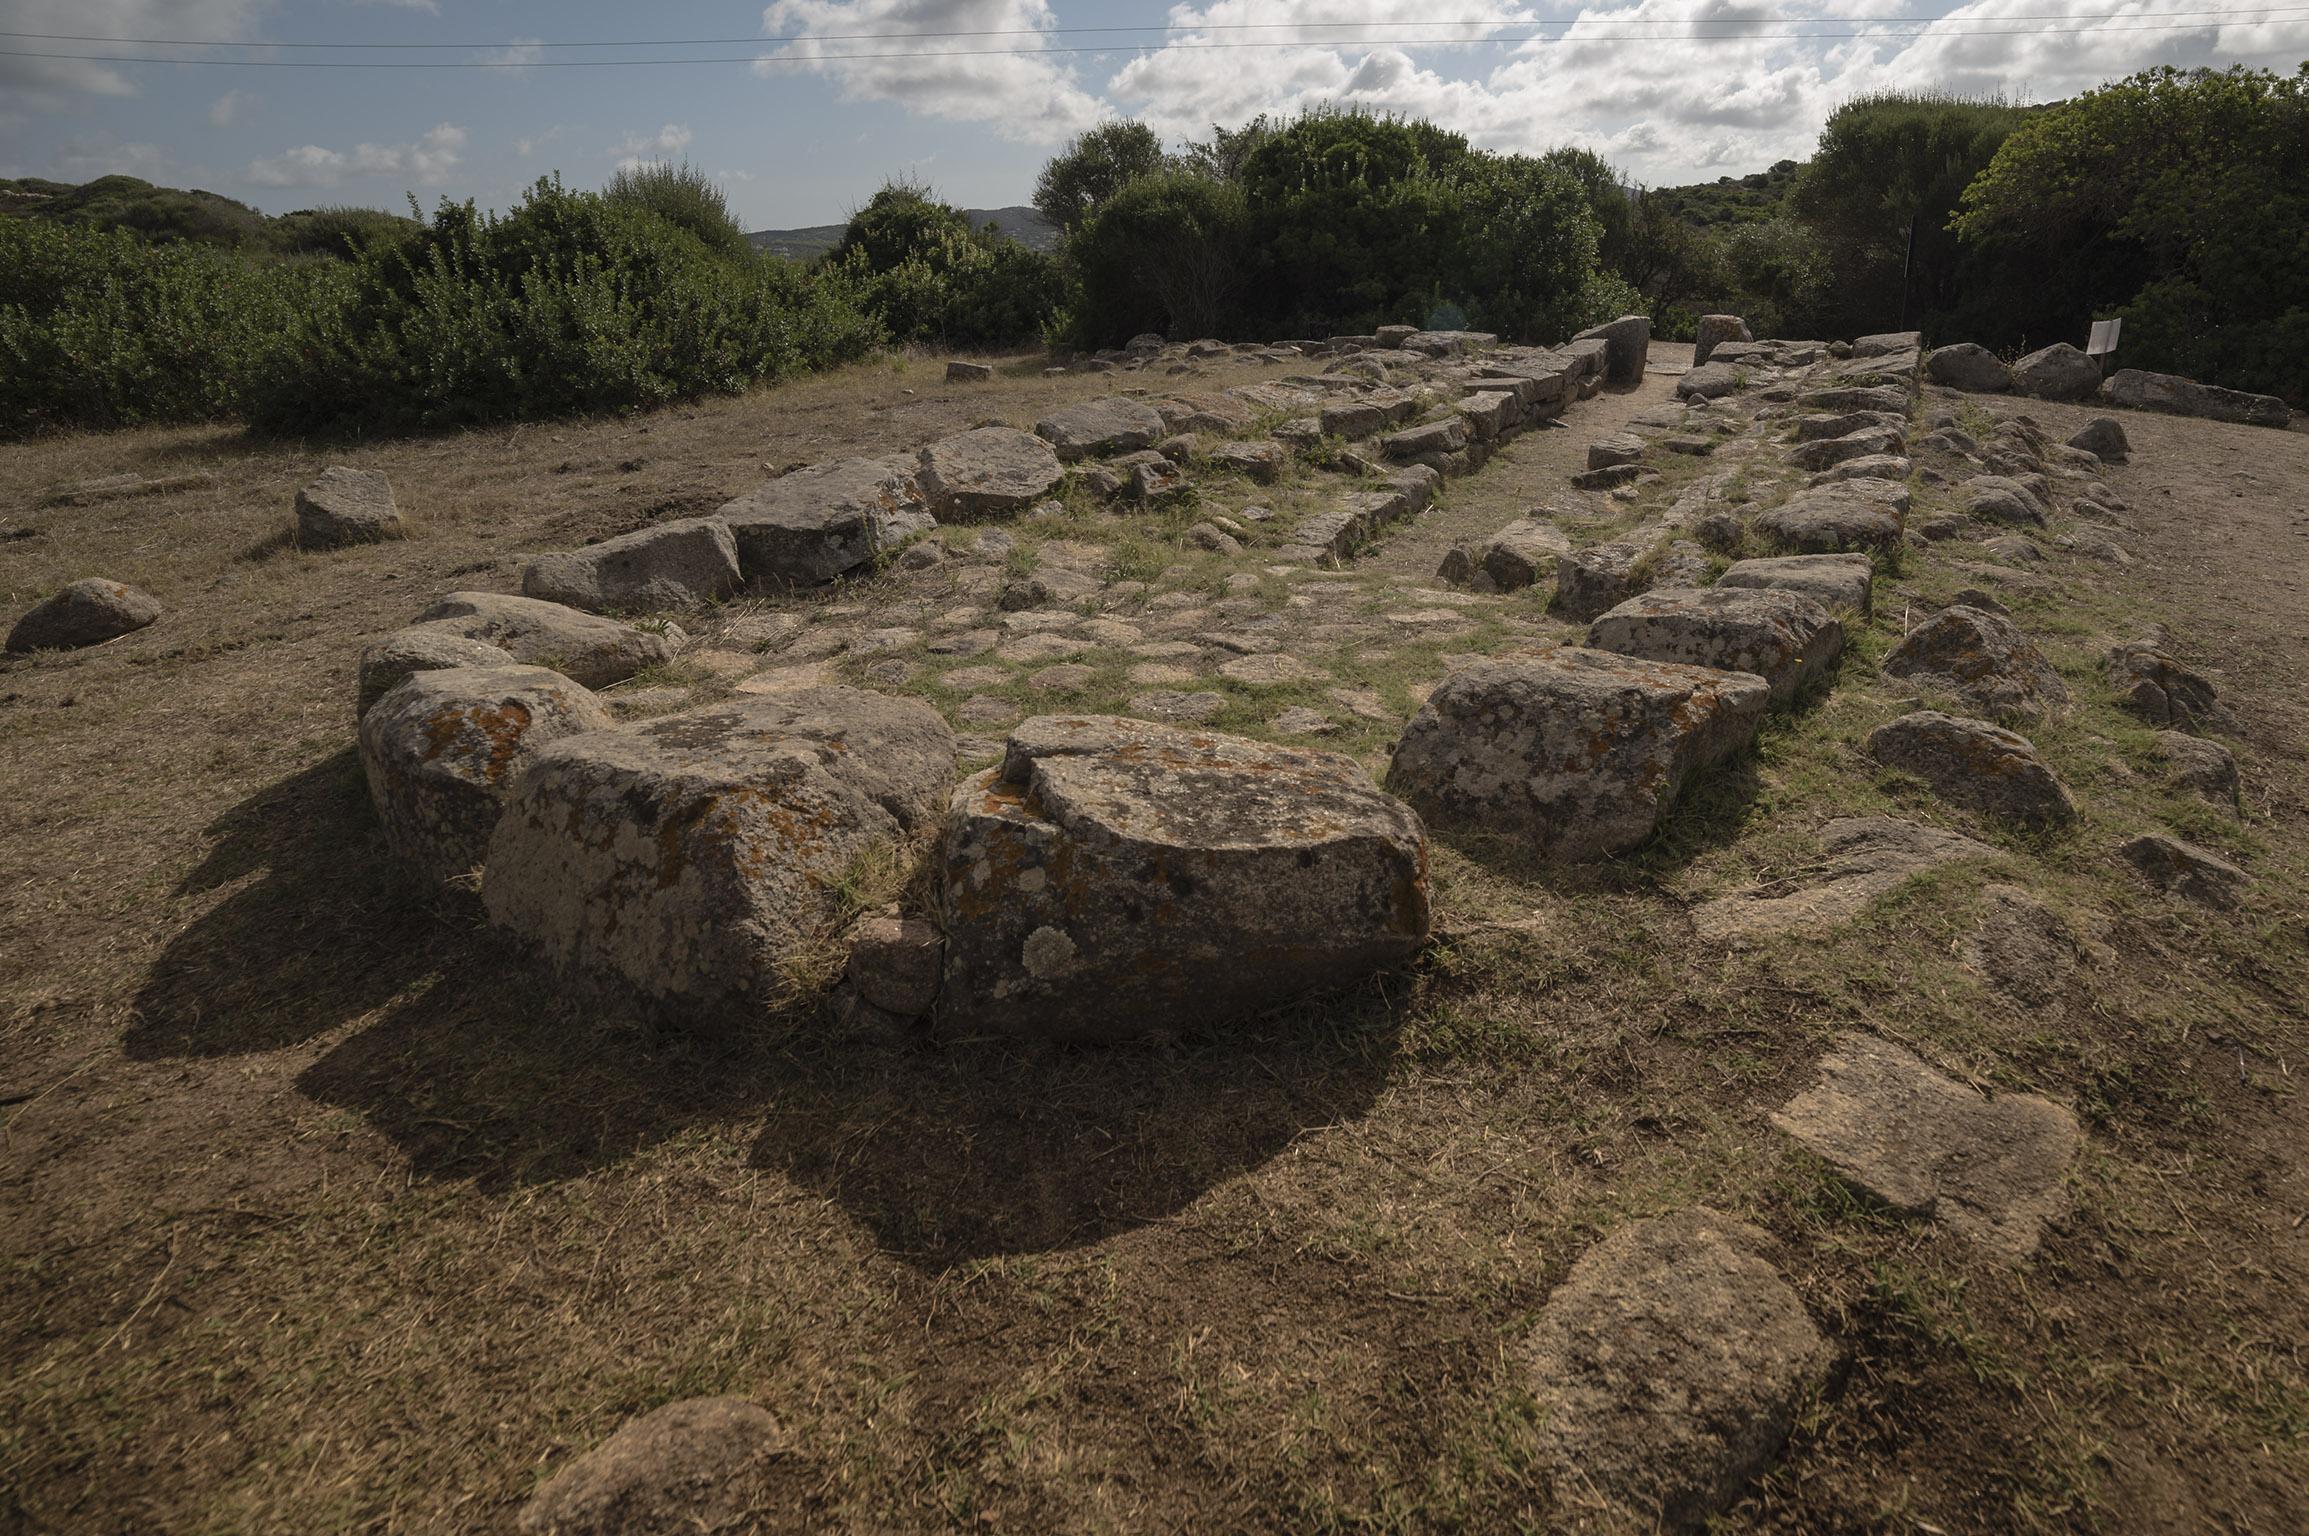 Tomba dei Giganti presso il sito archeologico Lu Brandali - Santa Teresa di Gallura